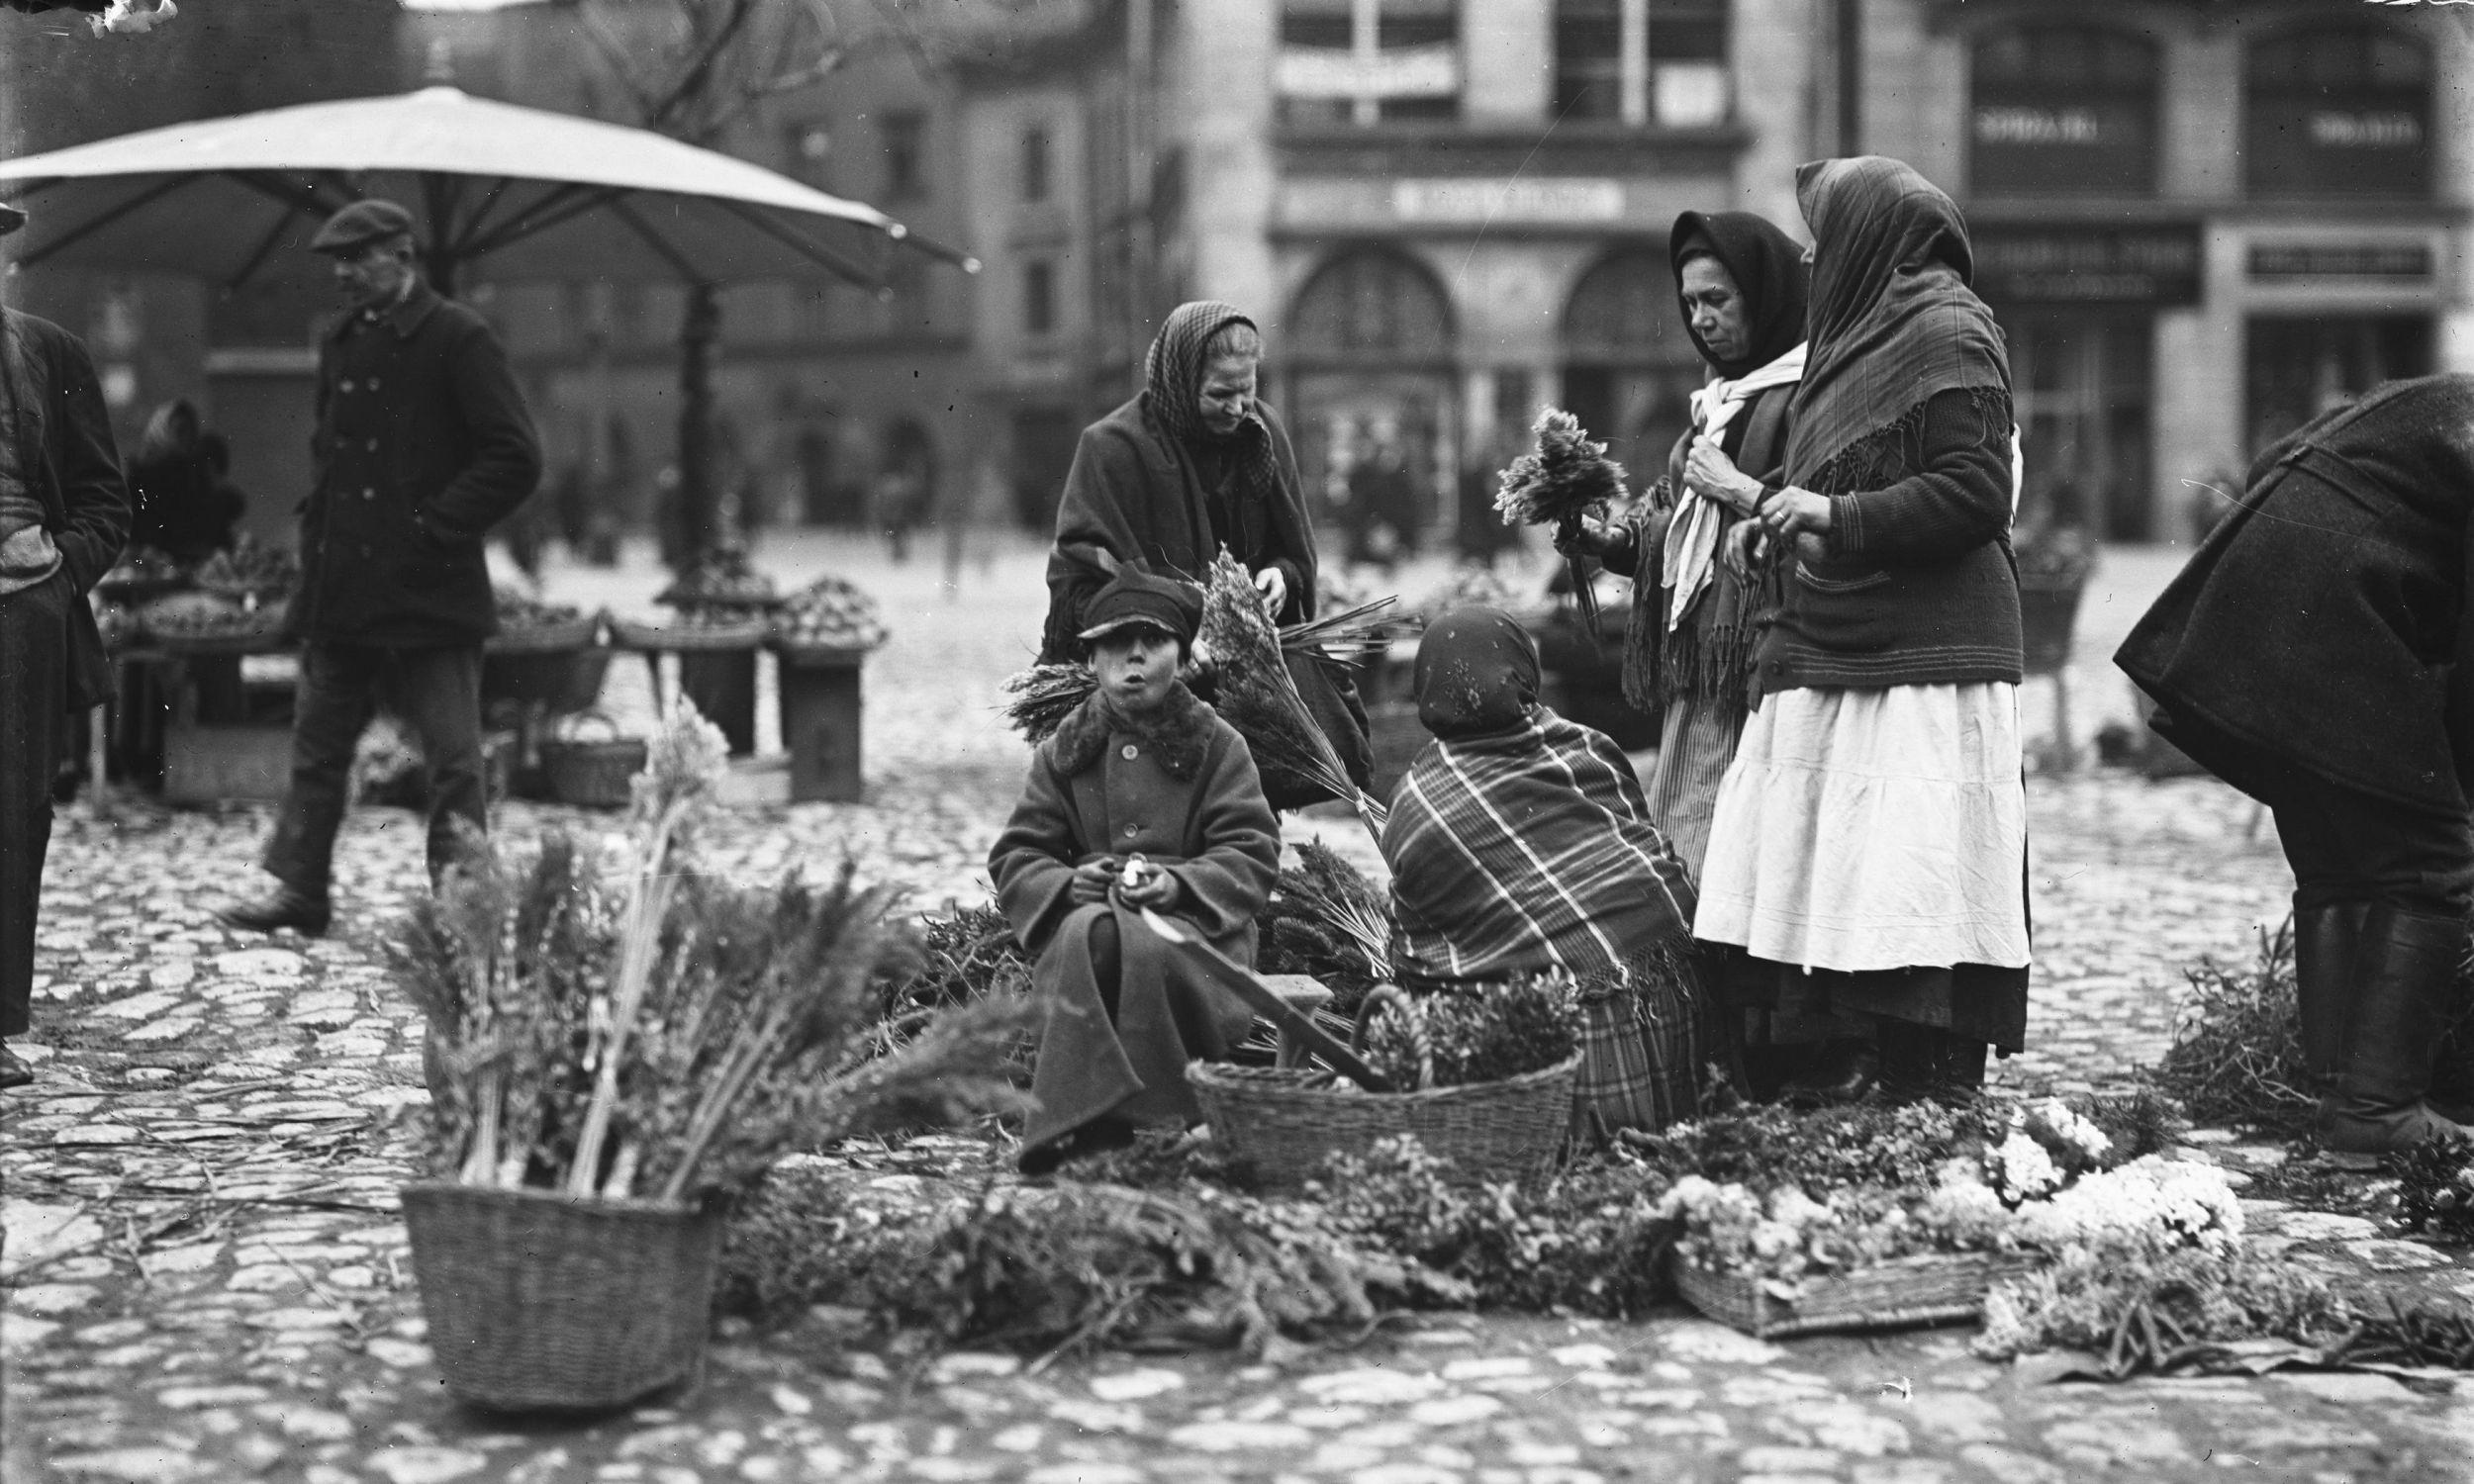 Kobiety sprzedające palmy wielkanocne i rośliny suszone w Krakowie, kwiecień 1927. Fot. NAC/IKC, sygn. 1-G-5644-1